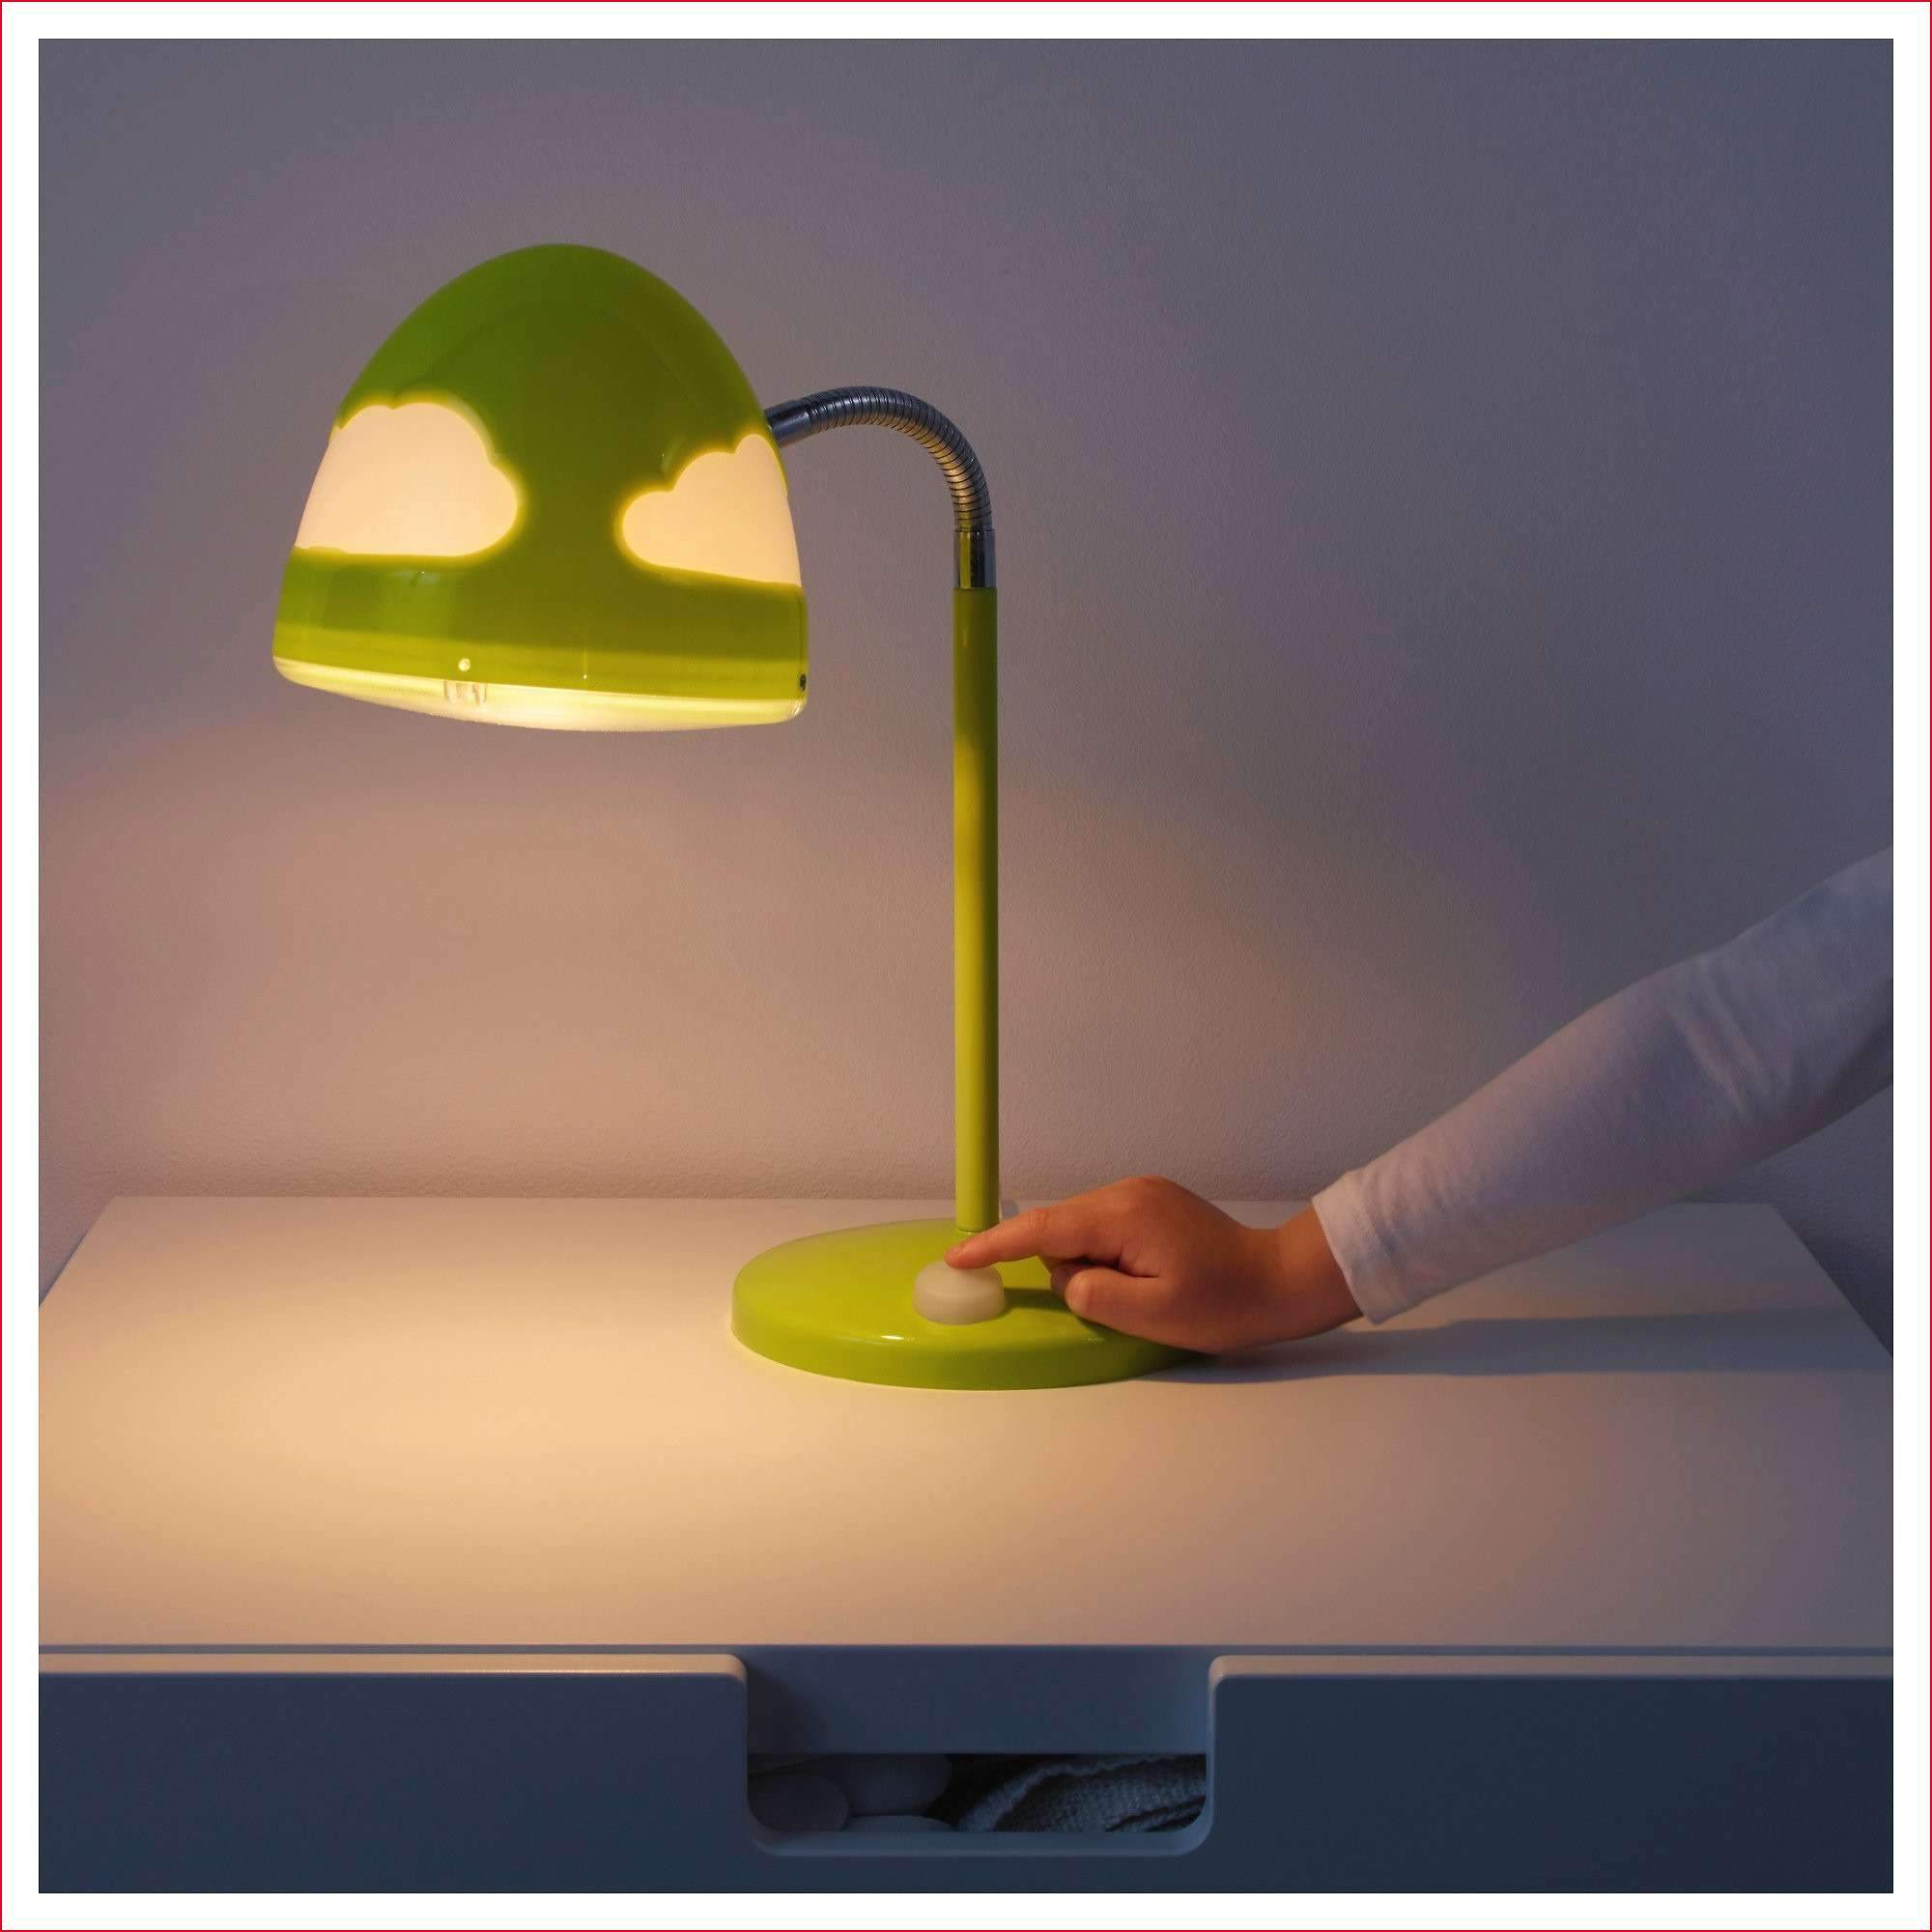 deckenlampe wohnzimmer led inspirierend wege zu garten lampe fotos von garten dekorativ of deckenlampe wohnzimmer led